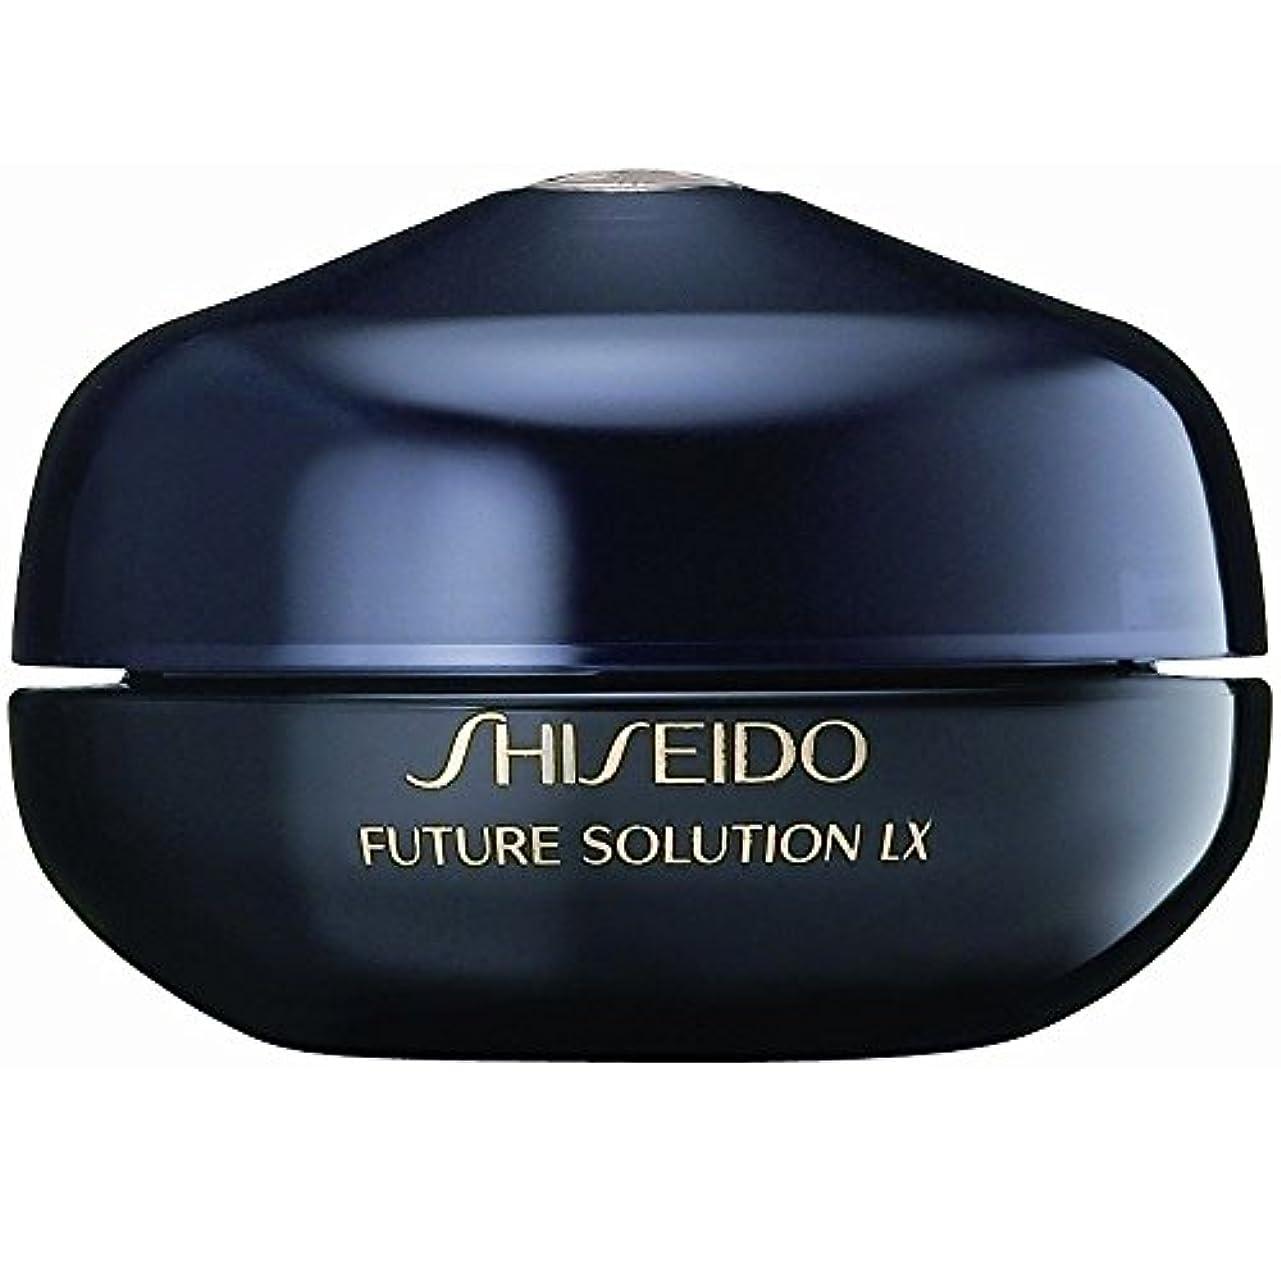 にはまって彼女の数学的な[Shiseido] 資生堂フューチャーソリューションLxの目と唇の輪郭再生クリーム15Ml - Shiseido Future Solution Lx Eye And Lip Contour Regenerating...